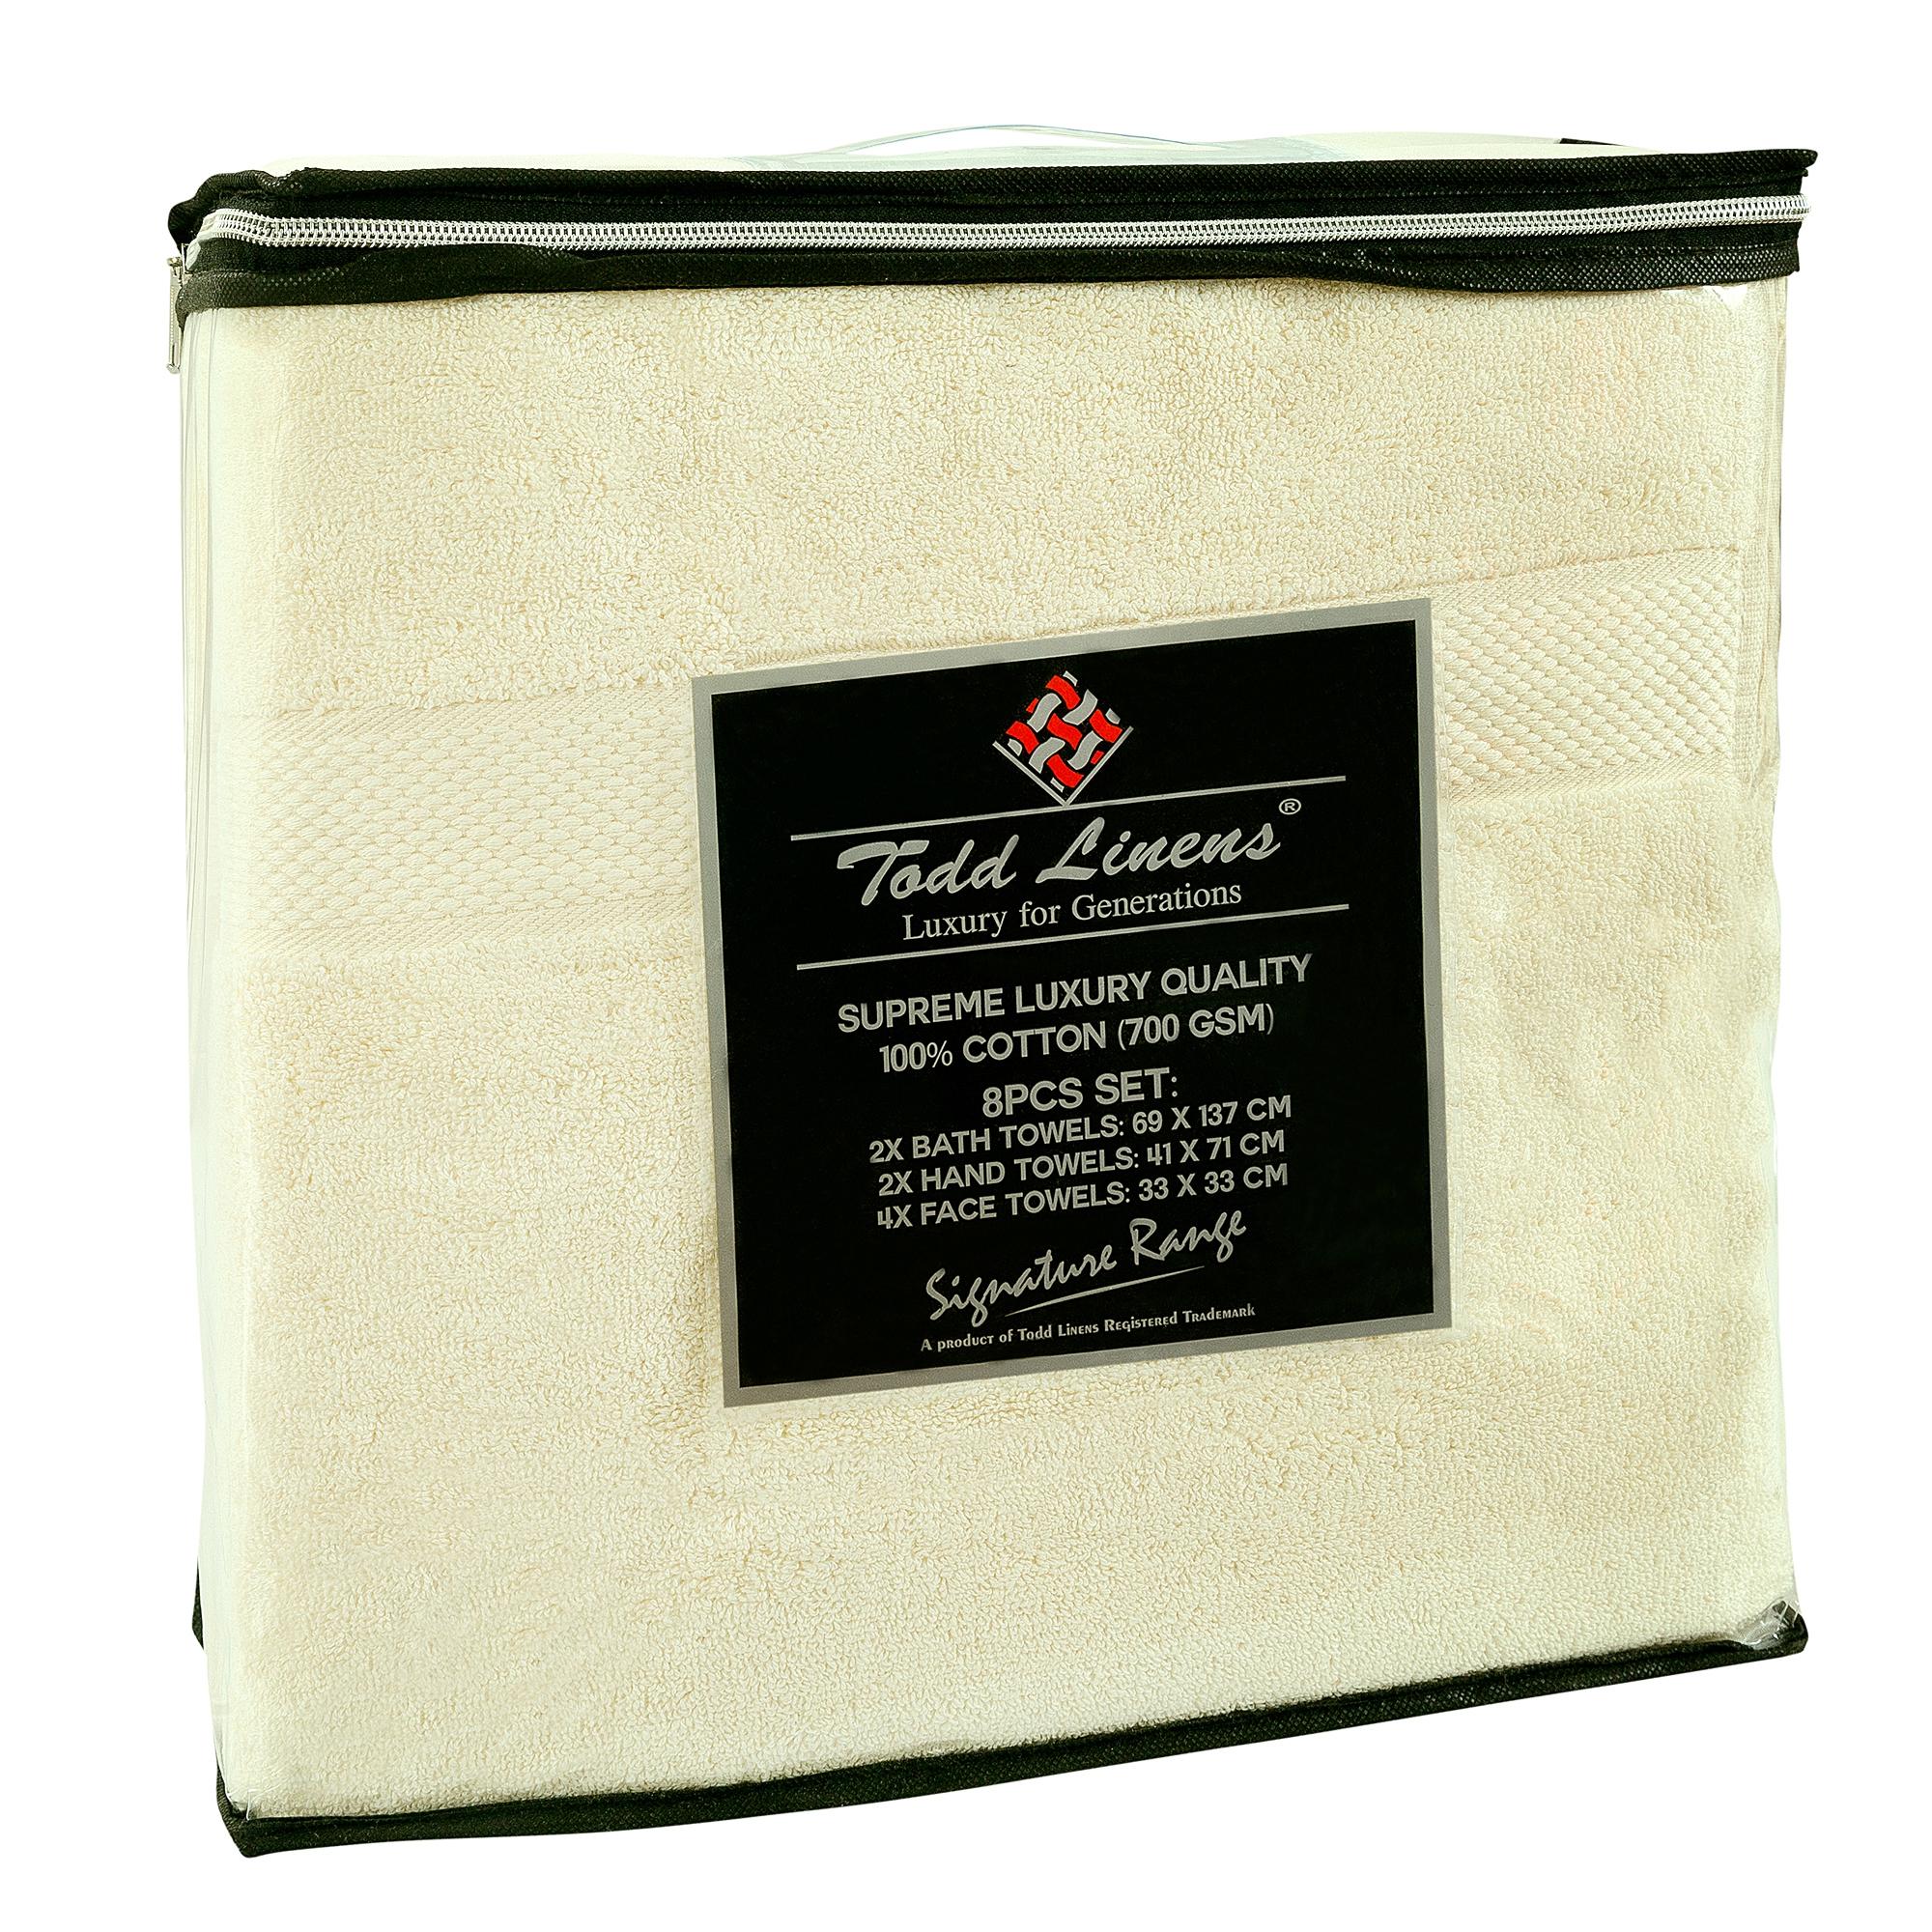 8pcs 700gsm Signature Range Cream Plain 8 Pieces Bale Set Towel